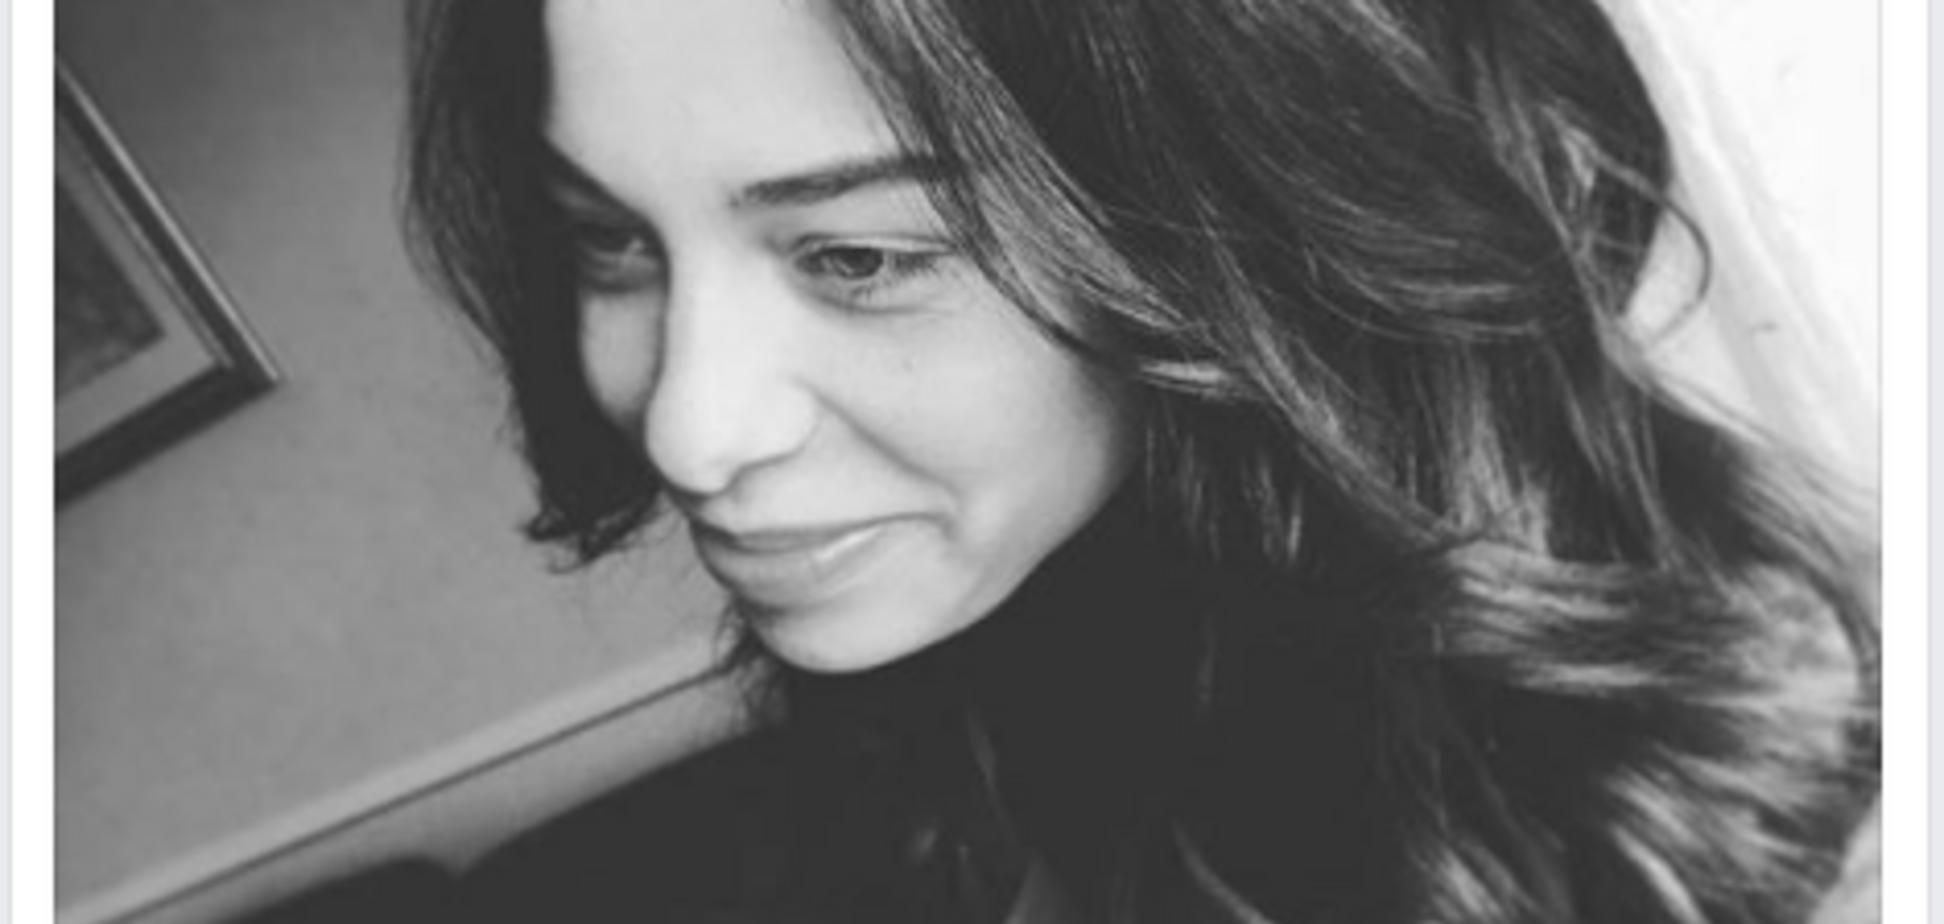 'Облил лицо кислотой': шокирующая история о расправе мужа над экс-женой поразила сеть